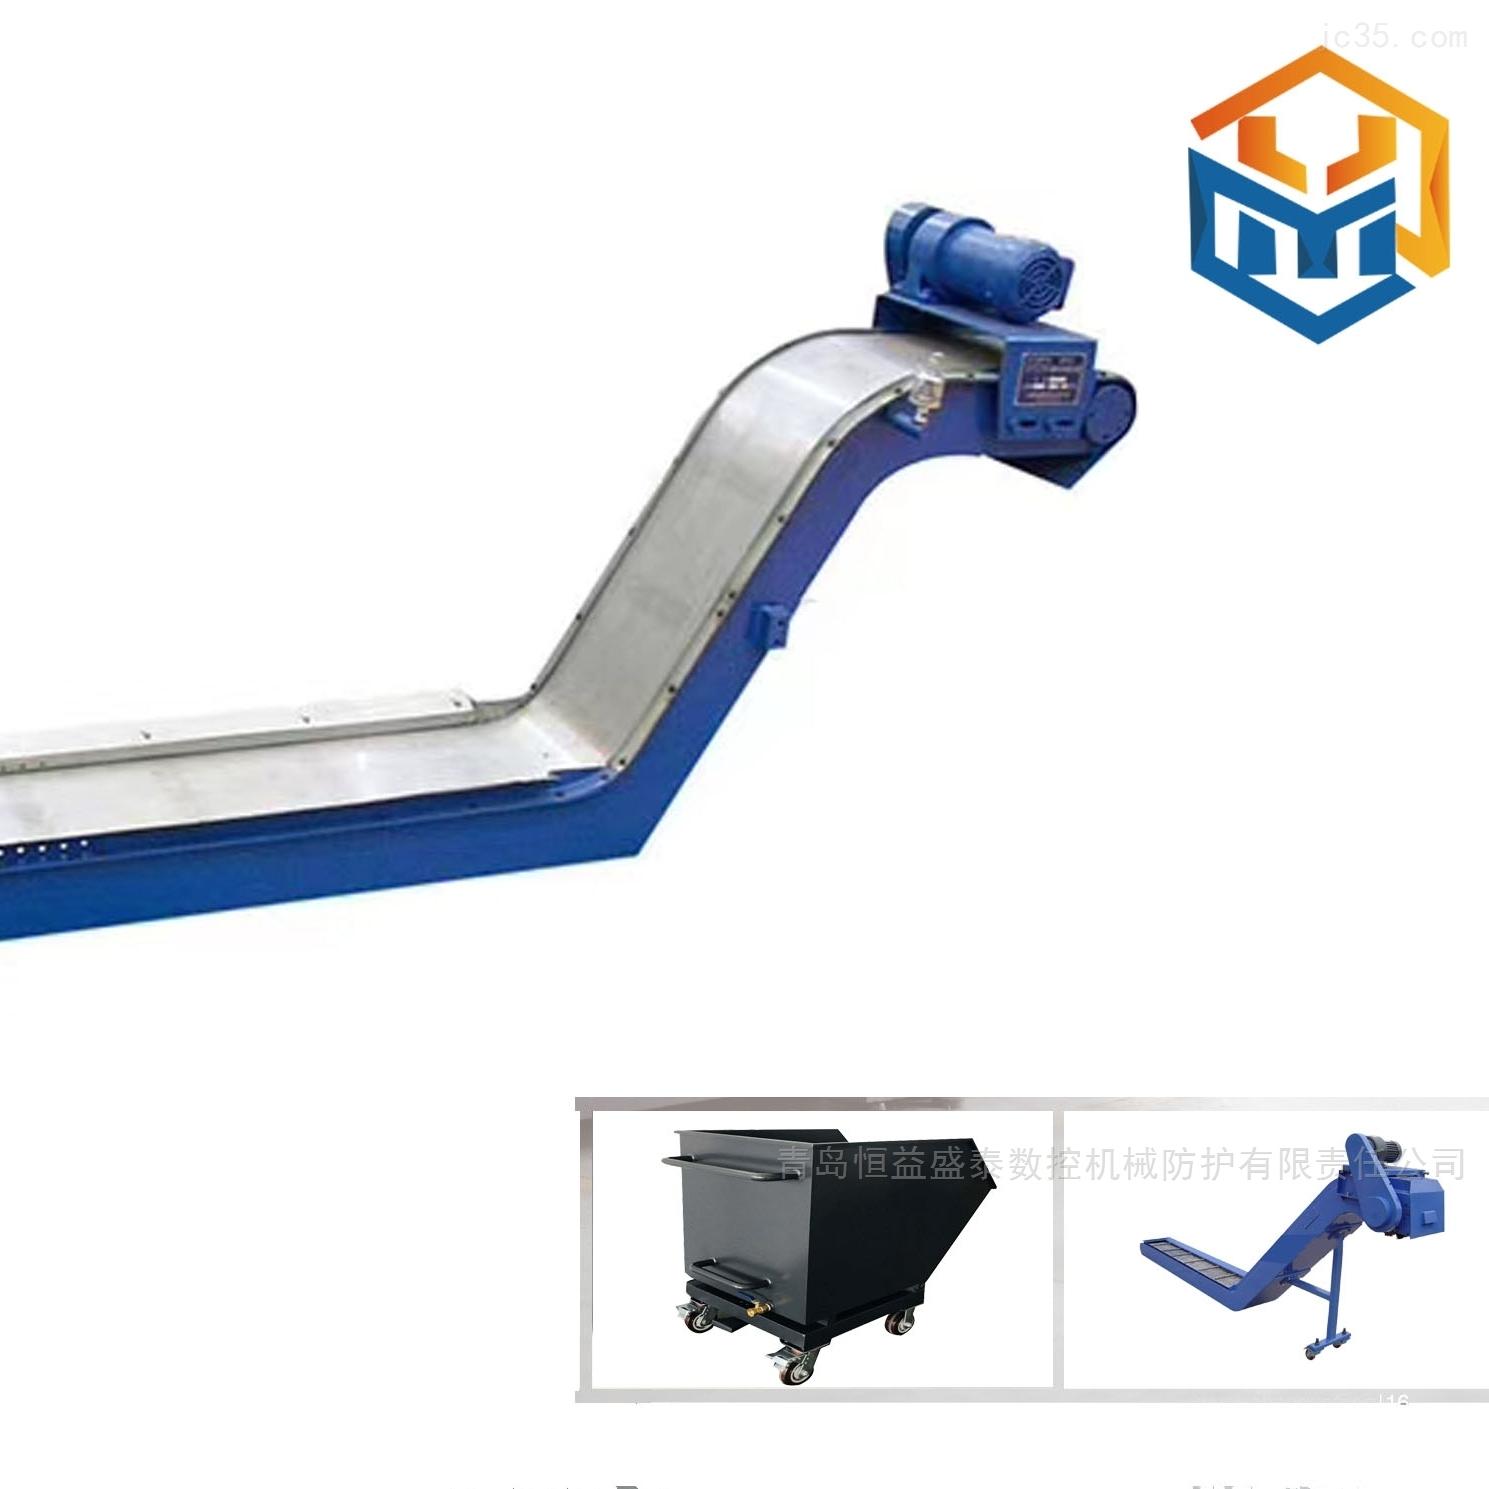 青岛恒益盛泰定做高品质磁性辊式机床排屑机